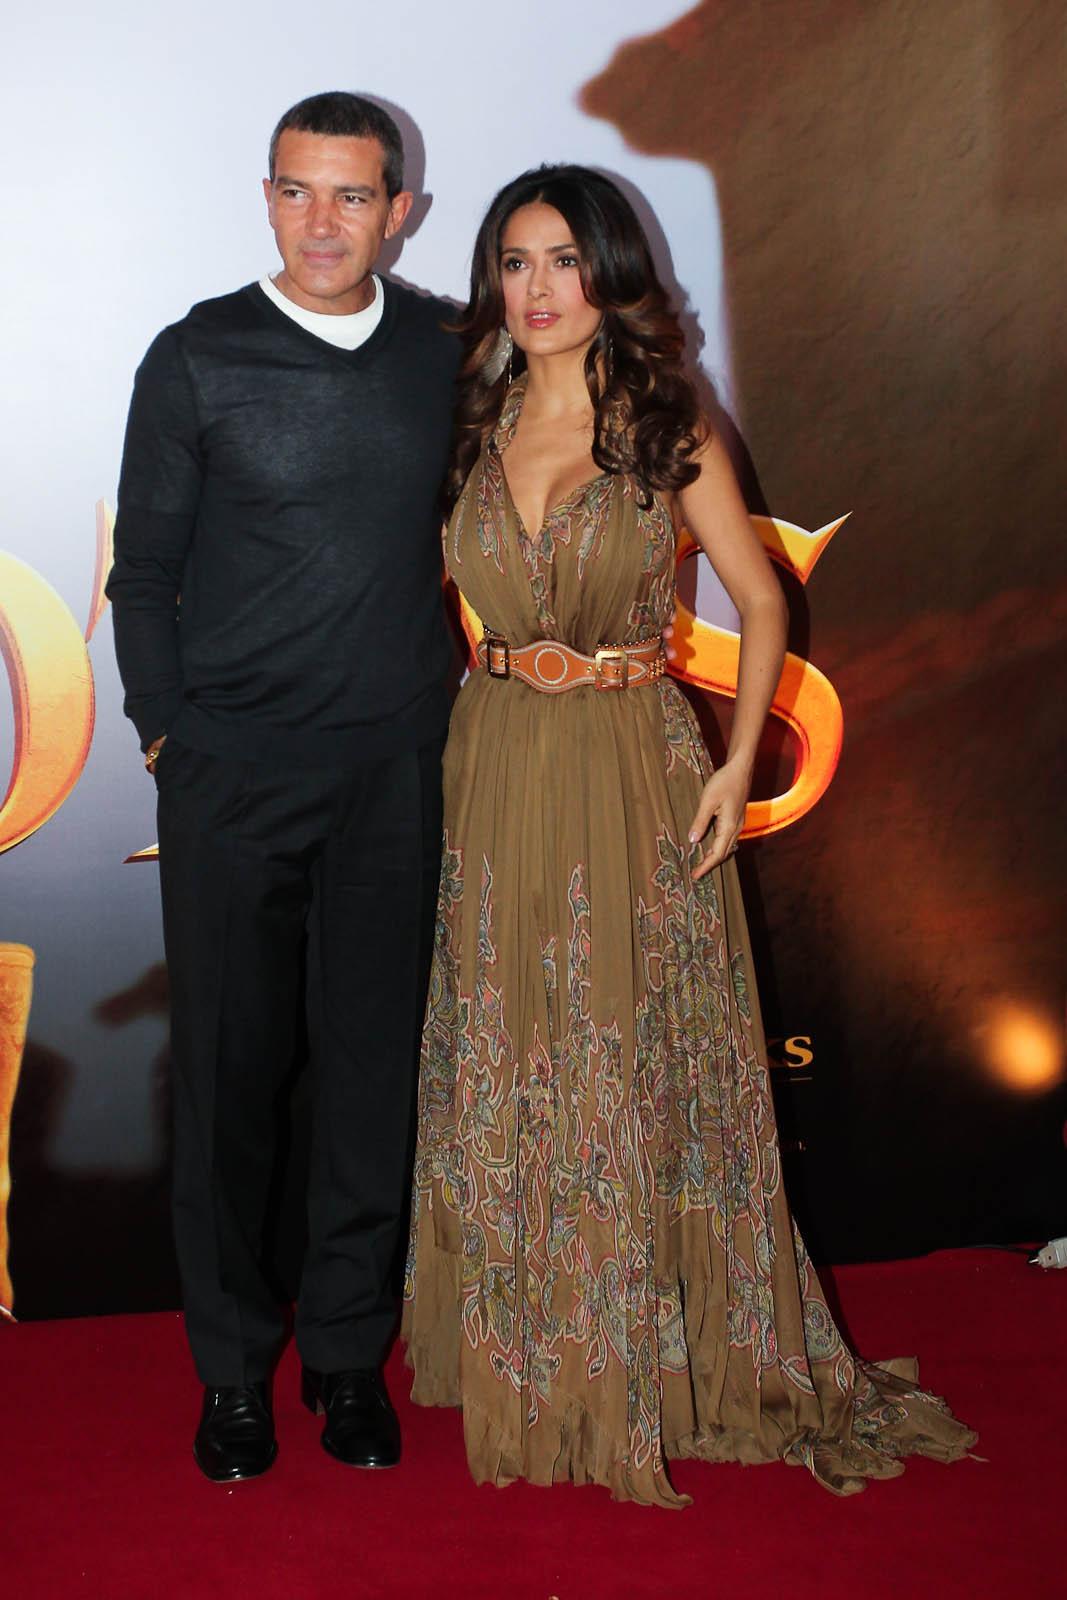 Antonio Banderas e Salma Hayek lançaram o filme 'Gato de Botas' no Brasil